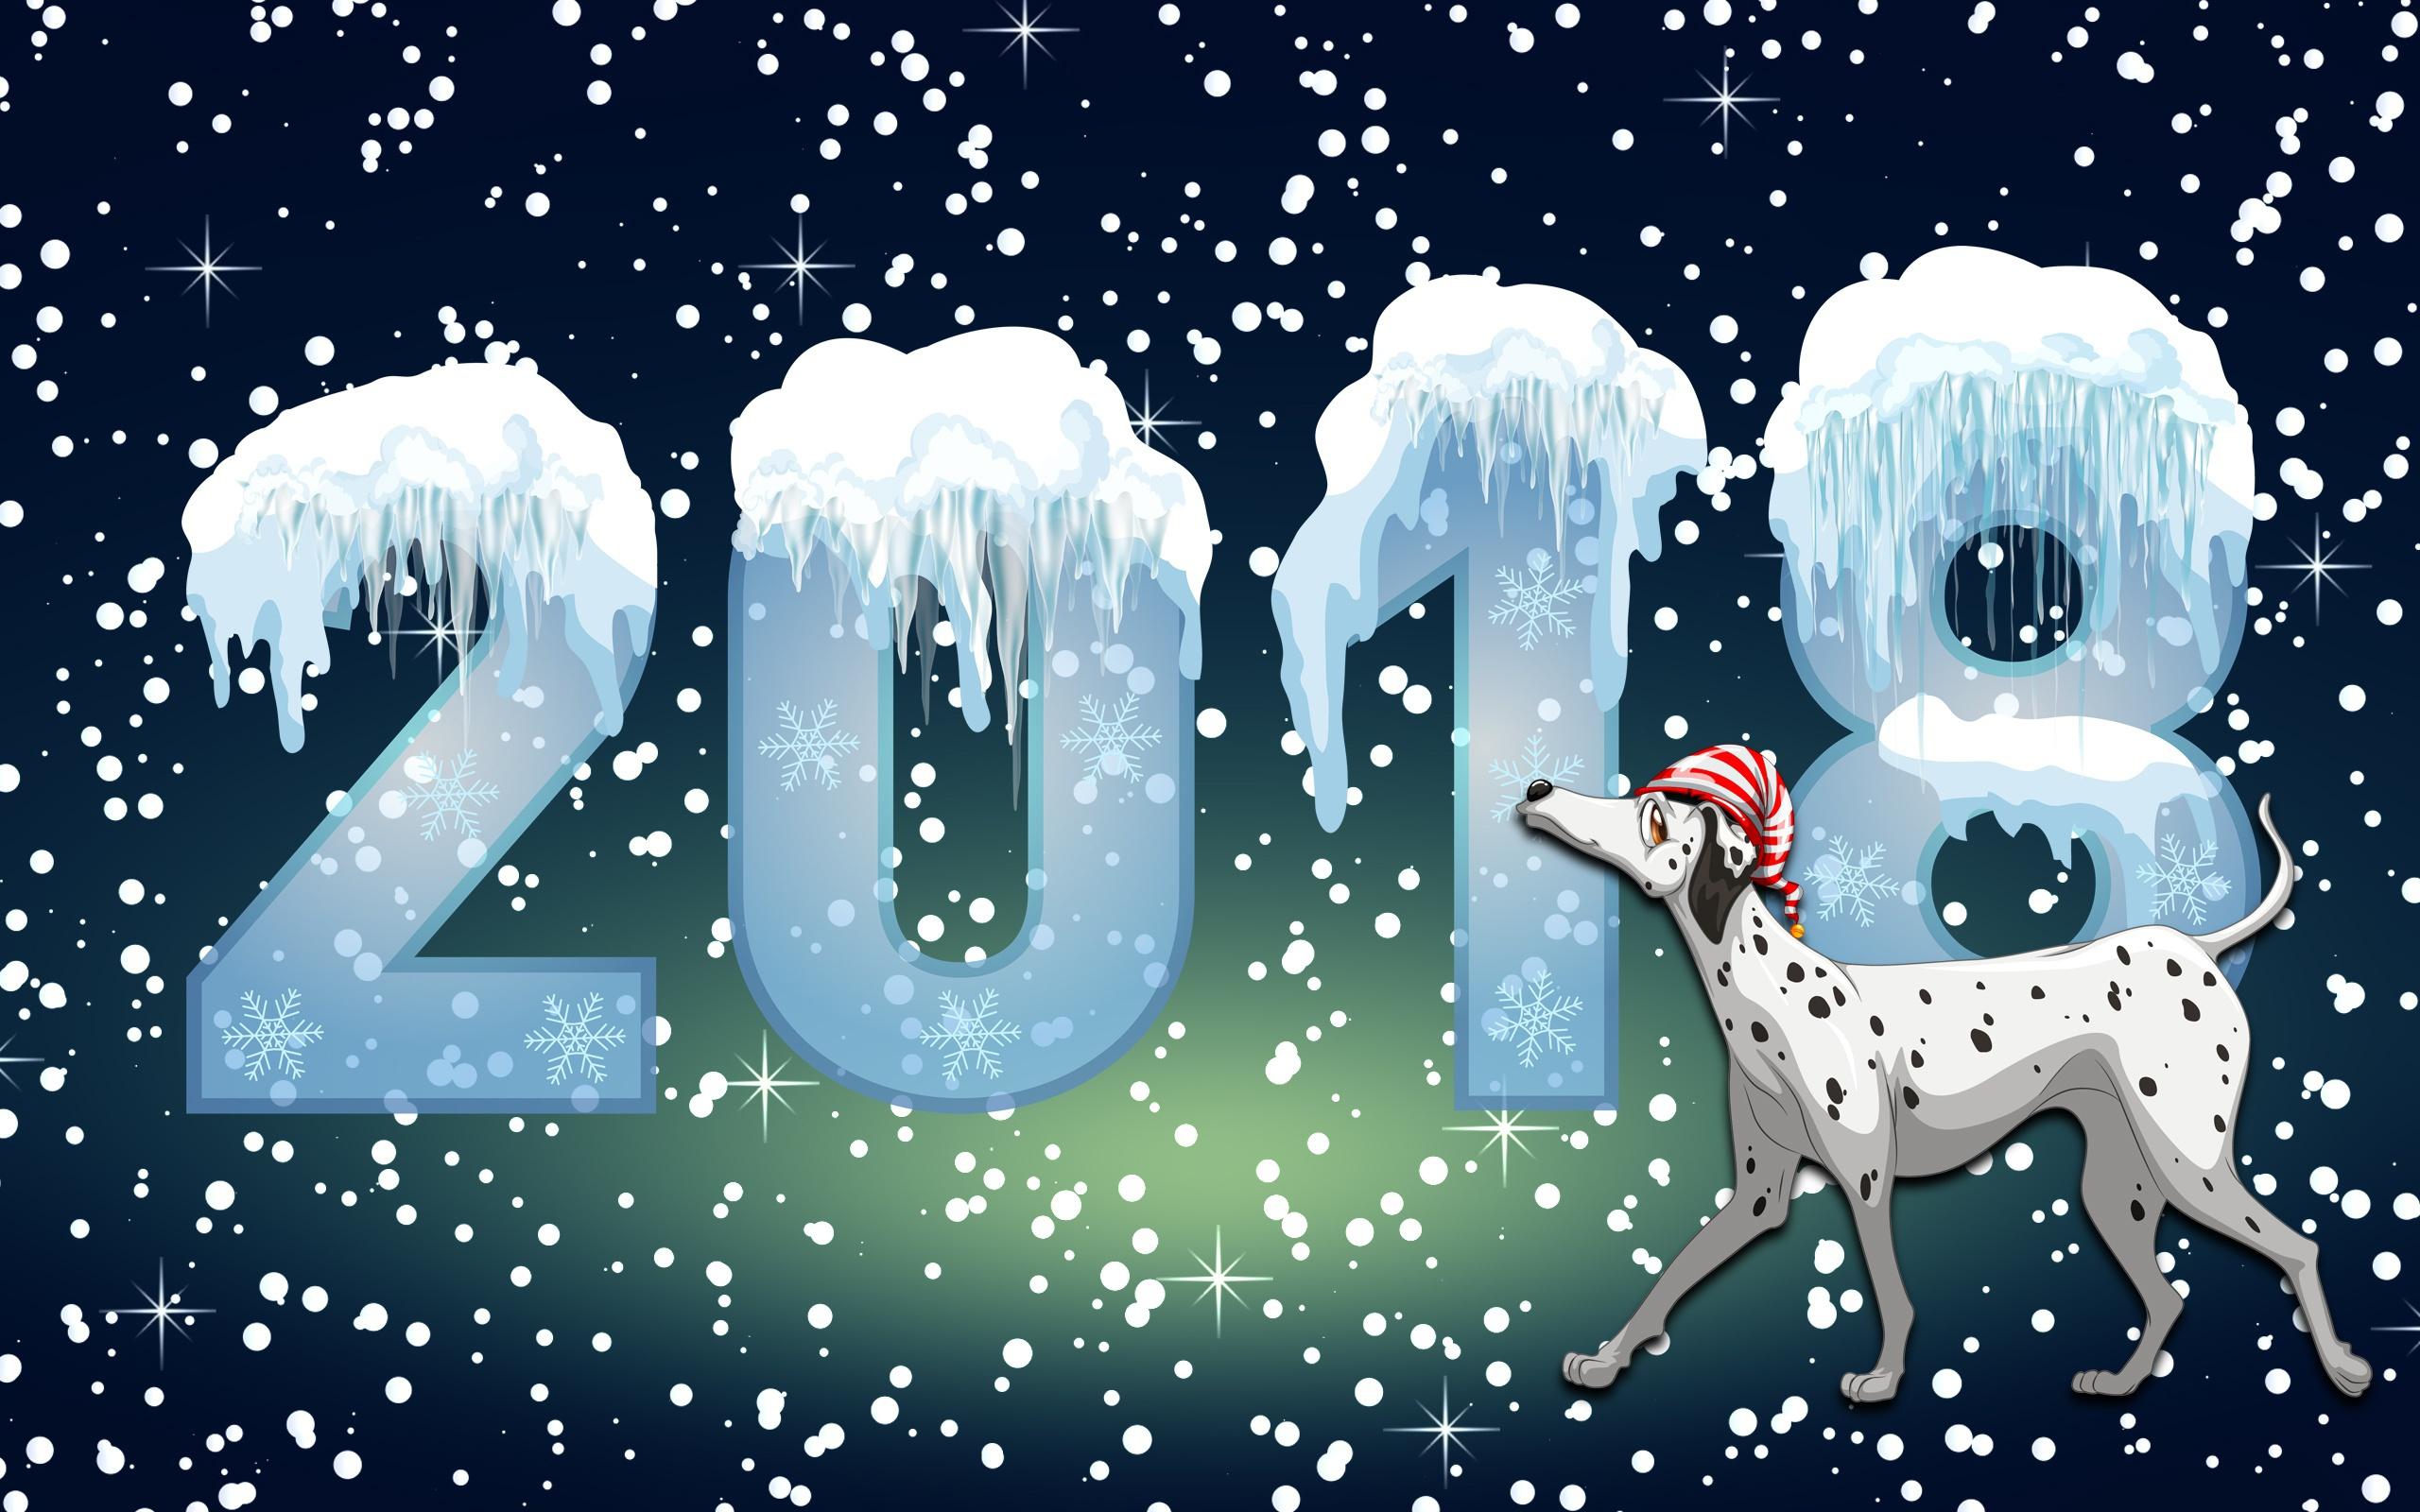 Забавные картинки с новым годом 2018